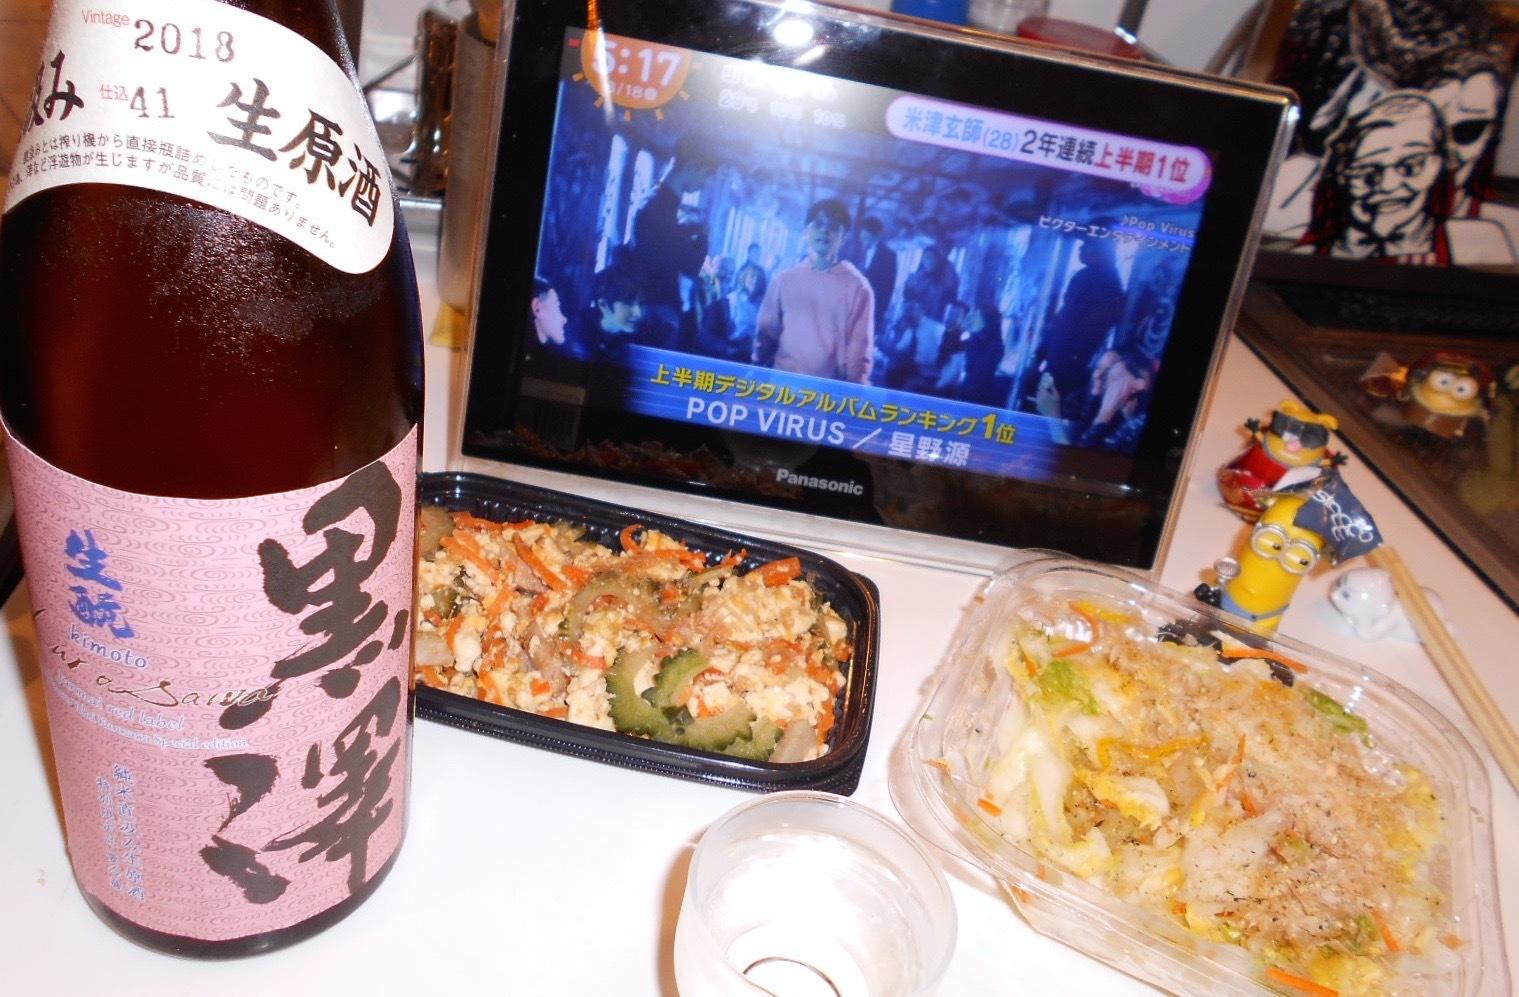 kurosawa_red30by3.jpg